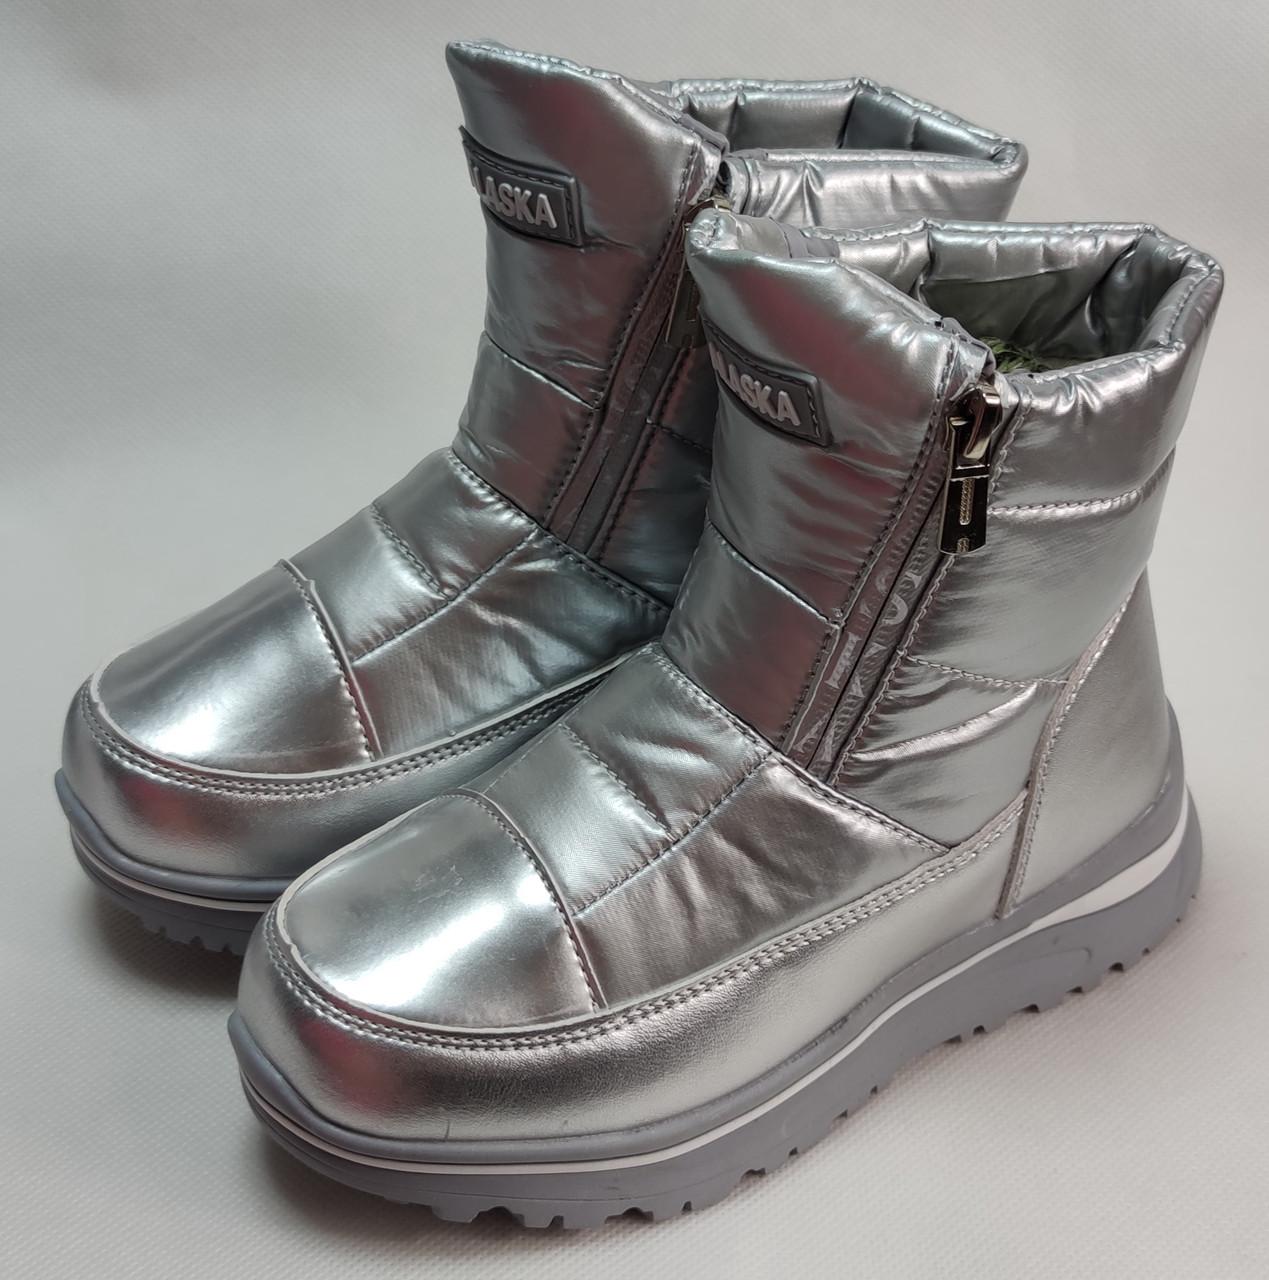 Детские дутики зимние теплые сапоги на зиму для девочки серебро Alaska 37р 22см